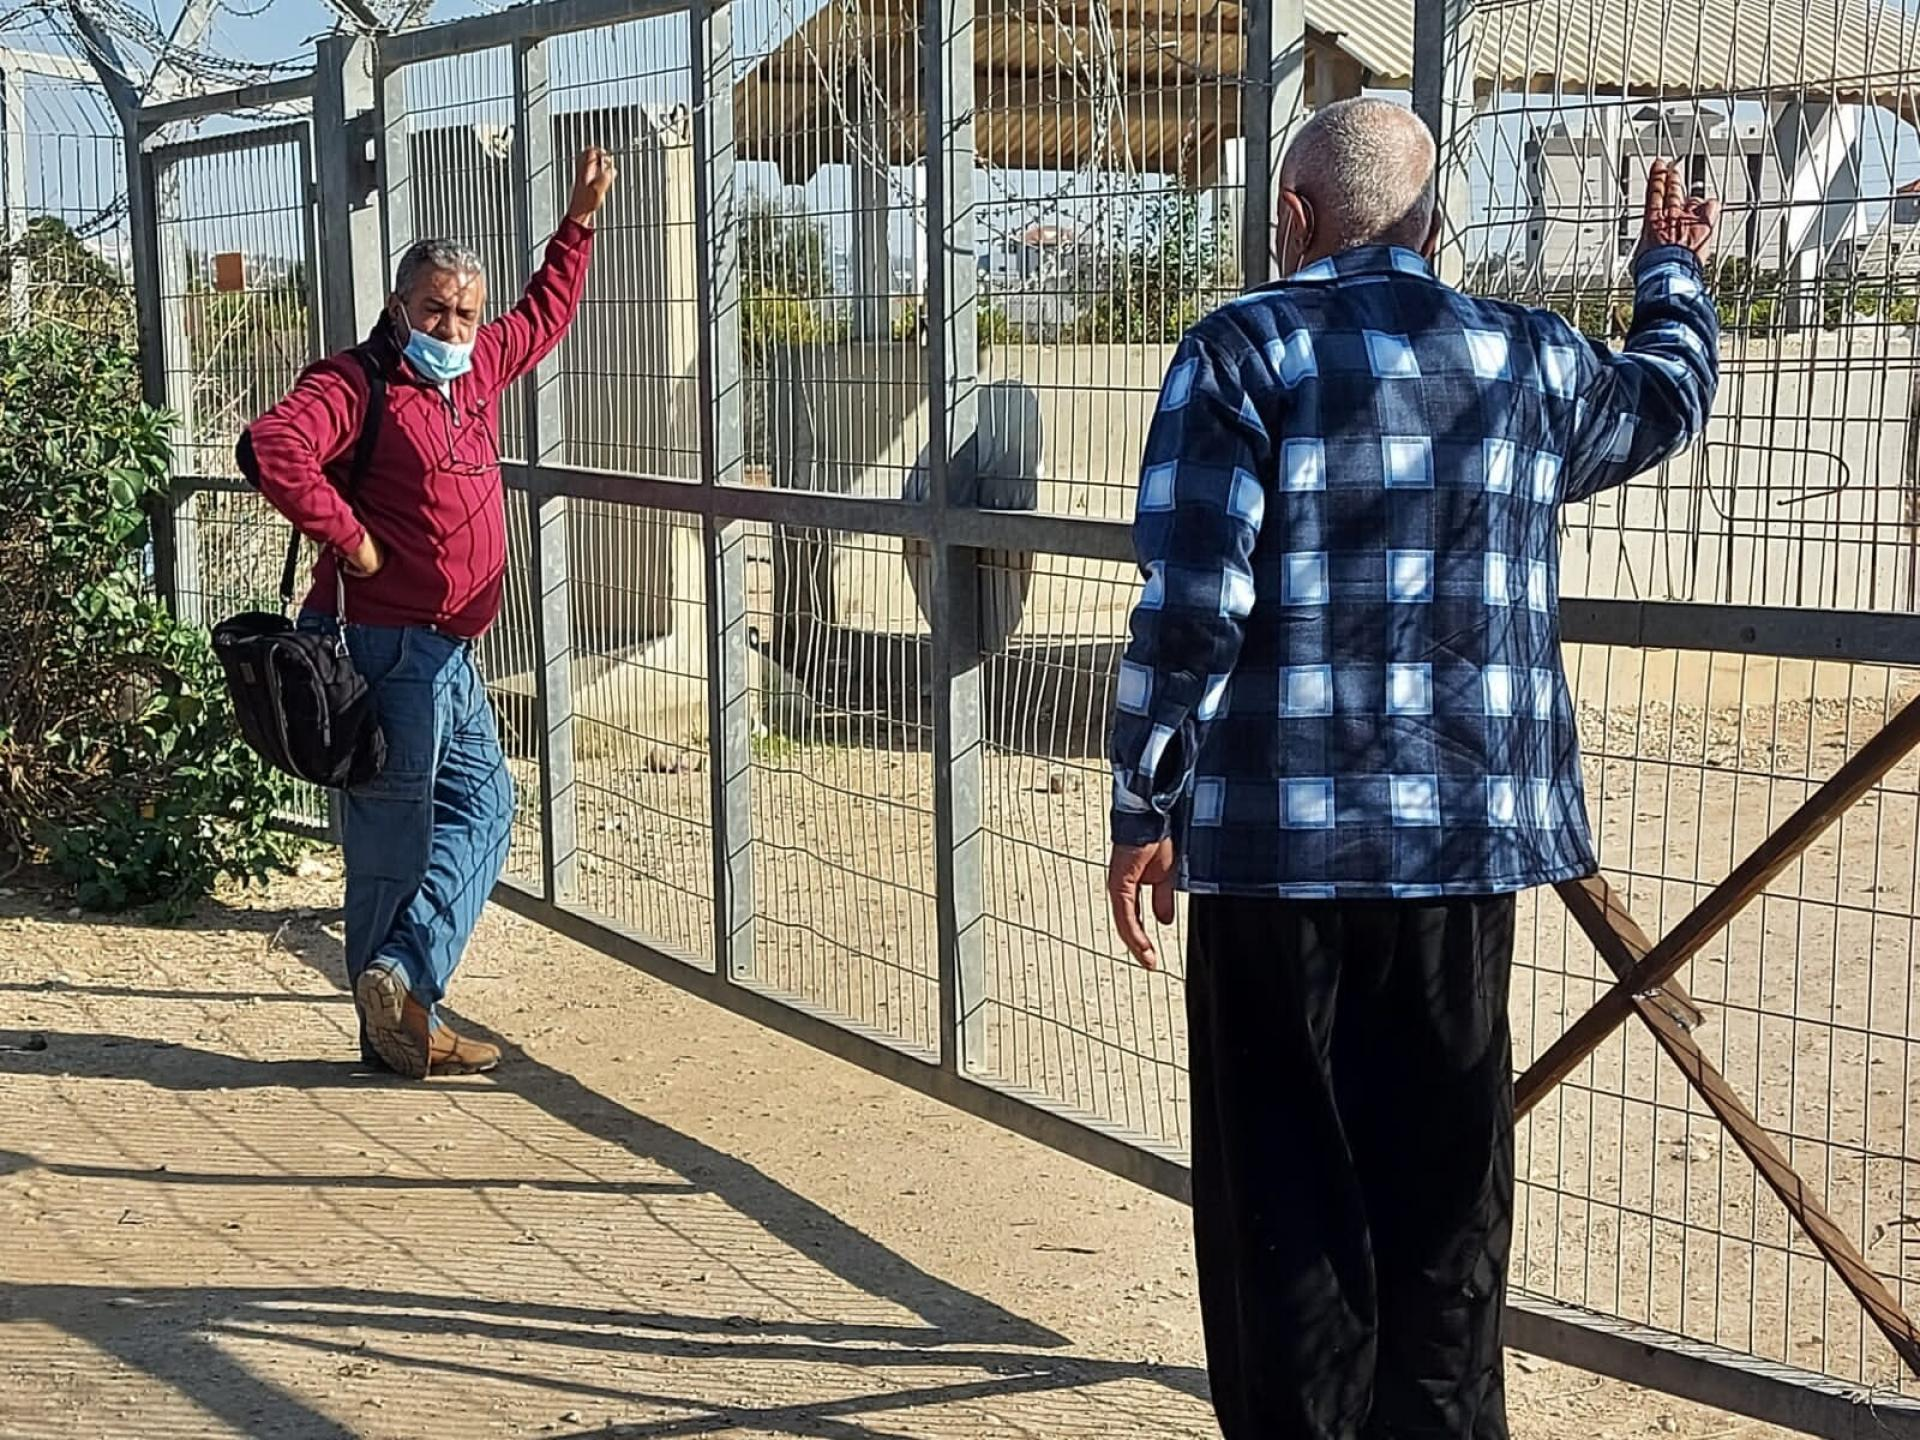 מחכים לפתיחת שער המחסום